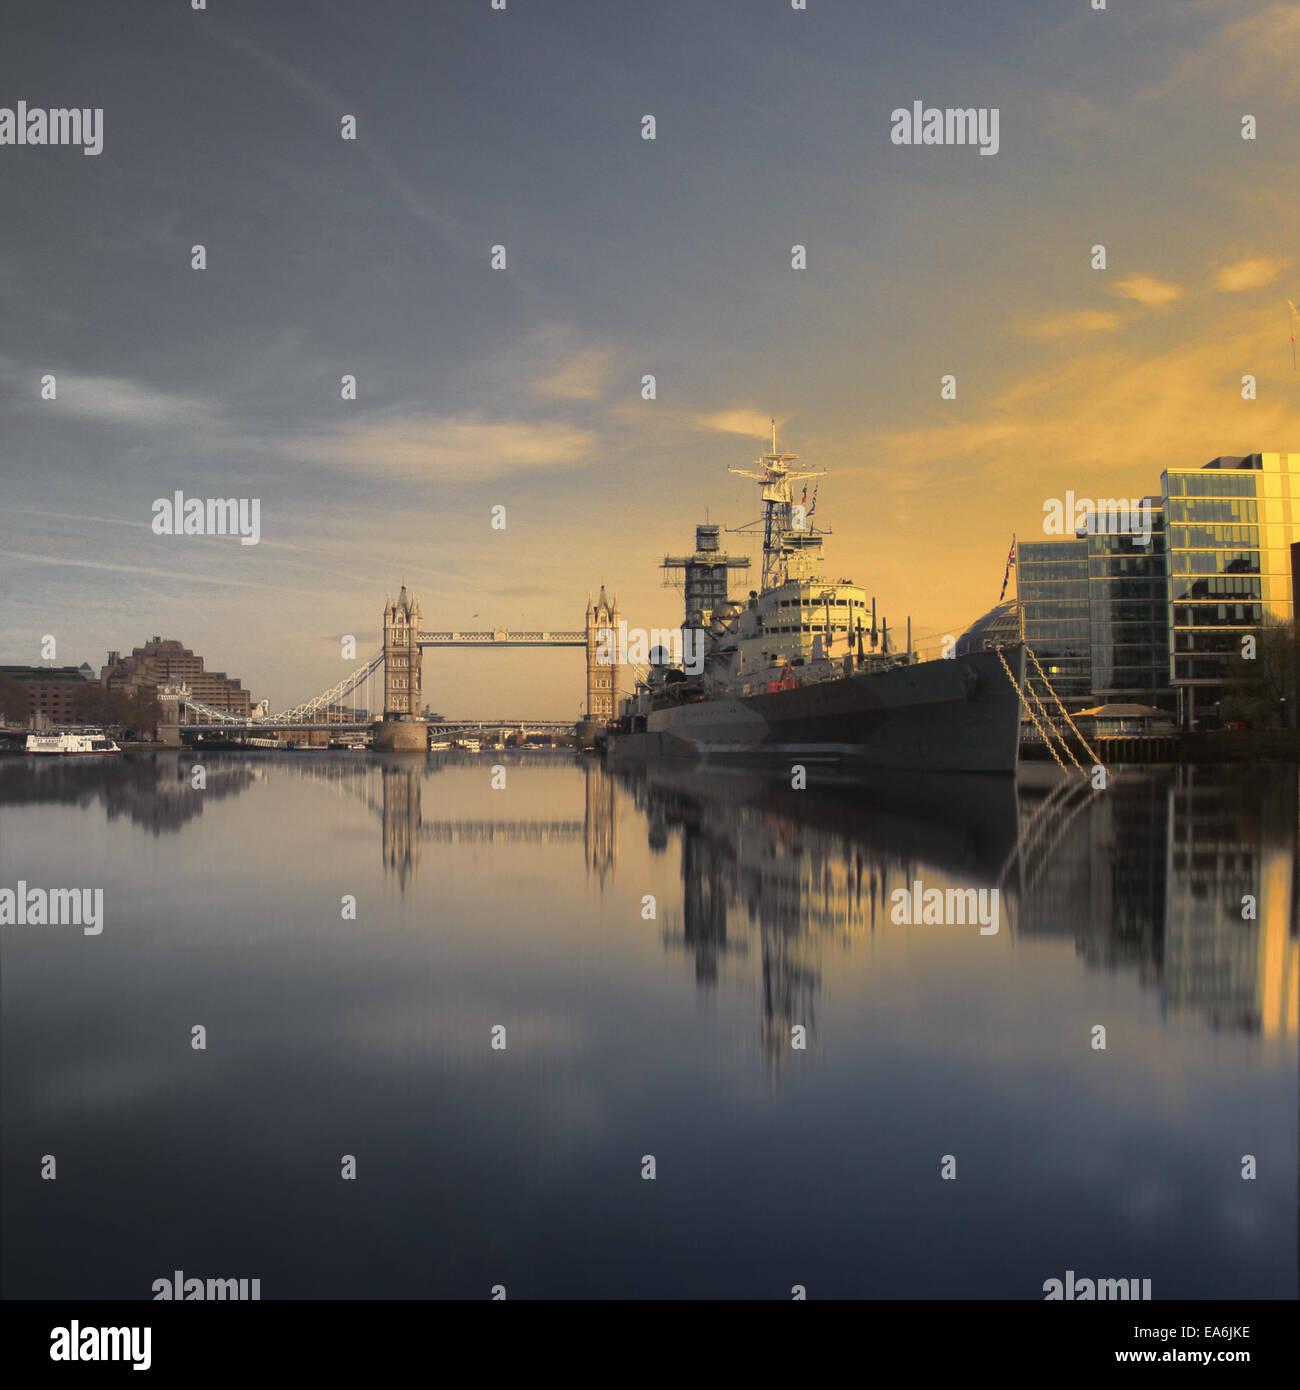 UK, Londra, HMS Belfast e Tower Bridge visto dalla linea di acqua Immagini Stock